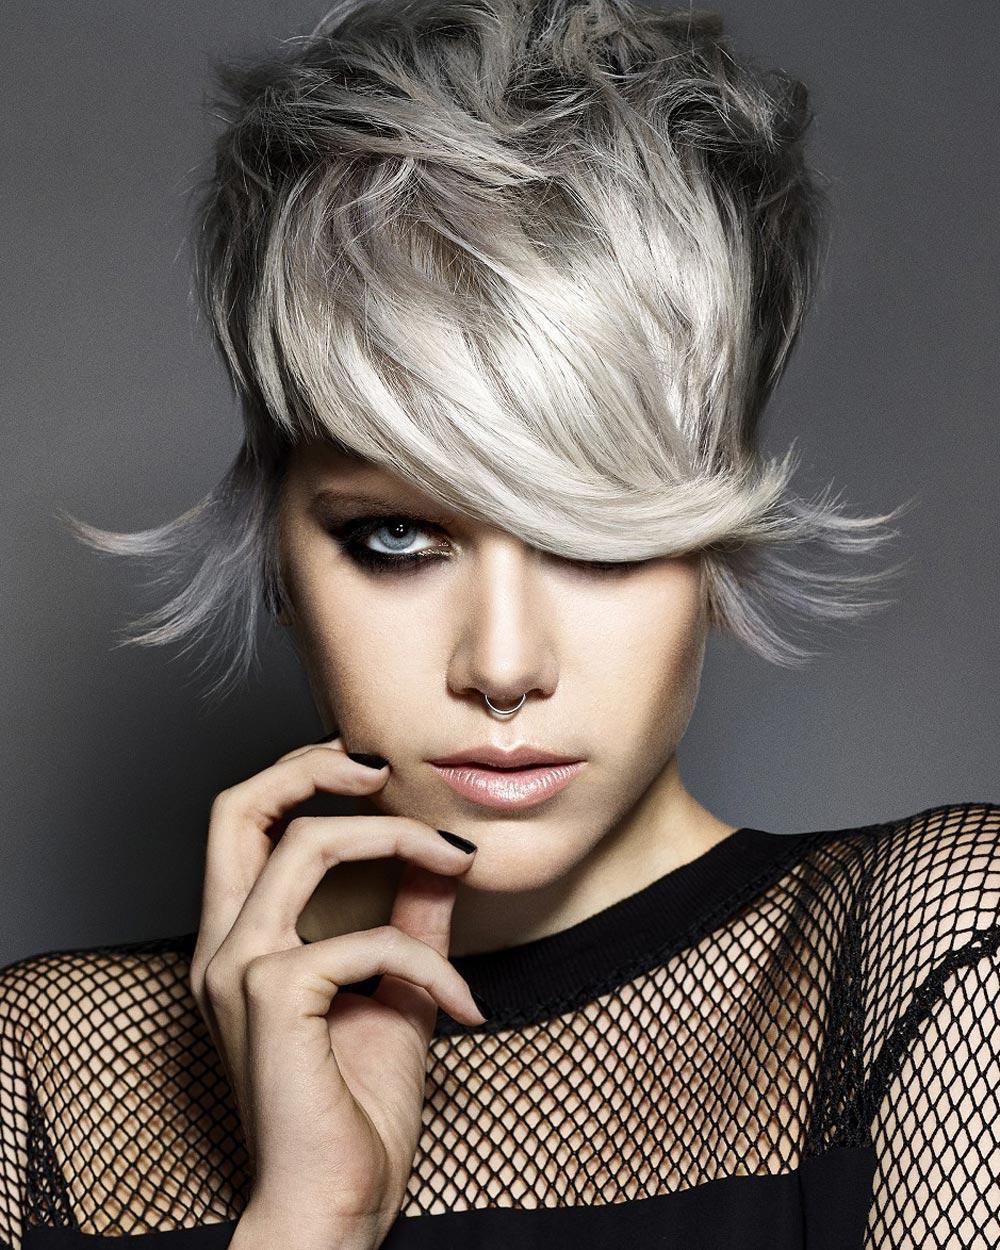 Krátký střih v módní stříbrné barvě od Francesco Group. (Vlasy: James Earnshaw – Francesco Group, make-up: Becky Hunting, foto: Richard Miles)